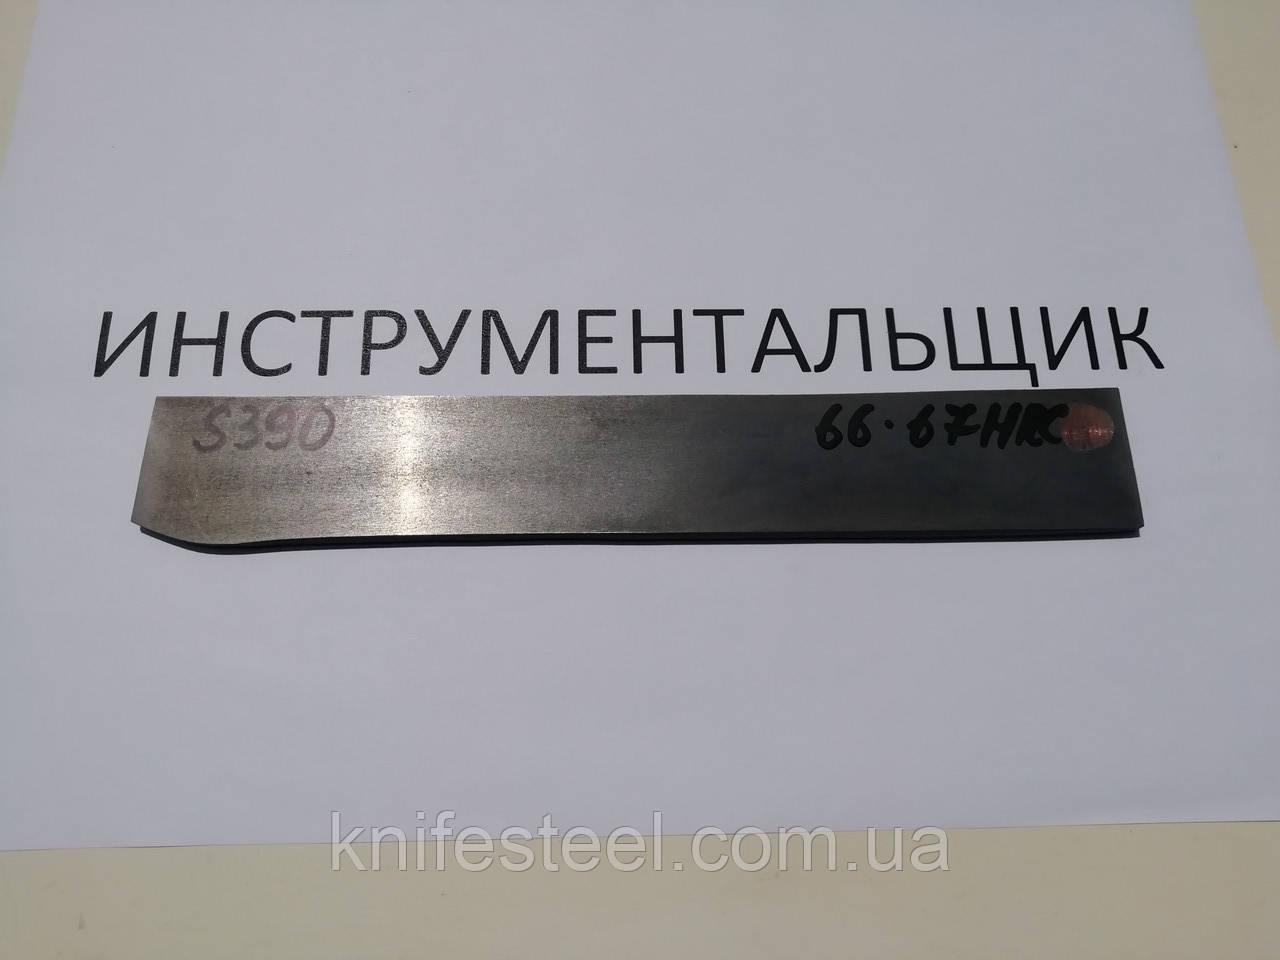 Заготівля для ножа сталь S390 210х34-35х4 мм термообробка (66-67 HRC)